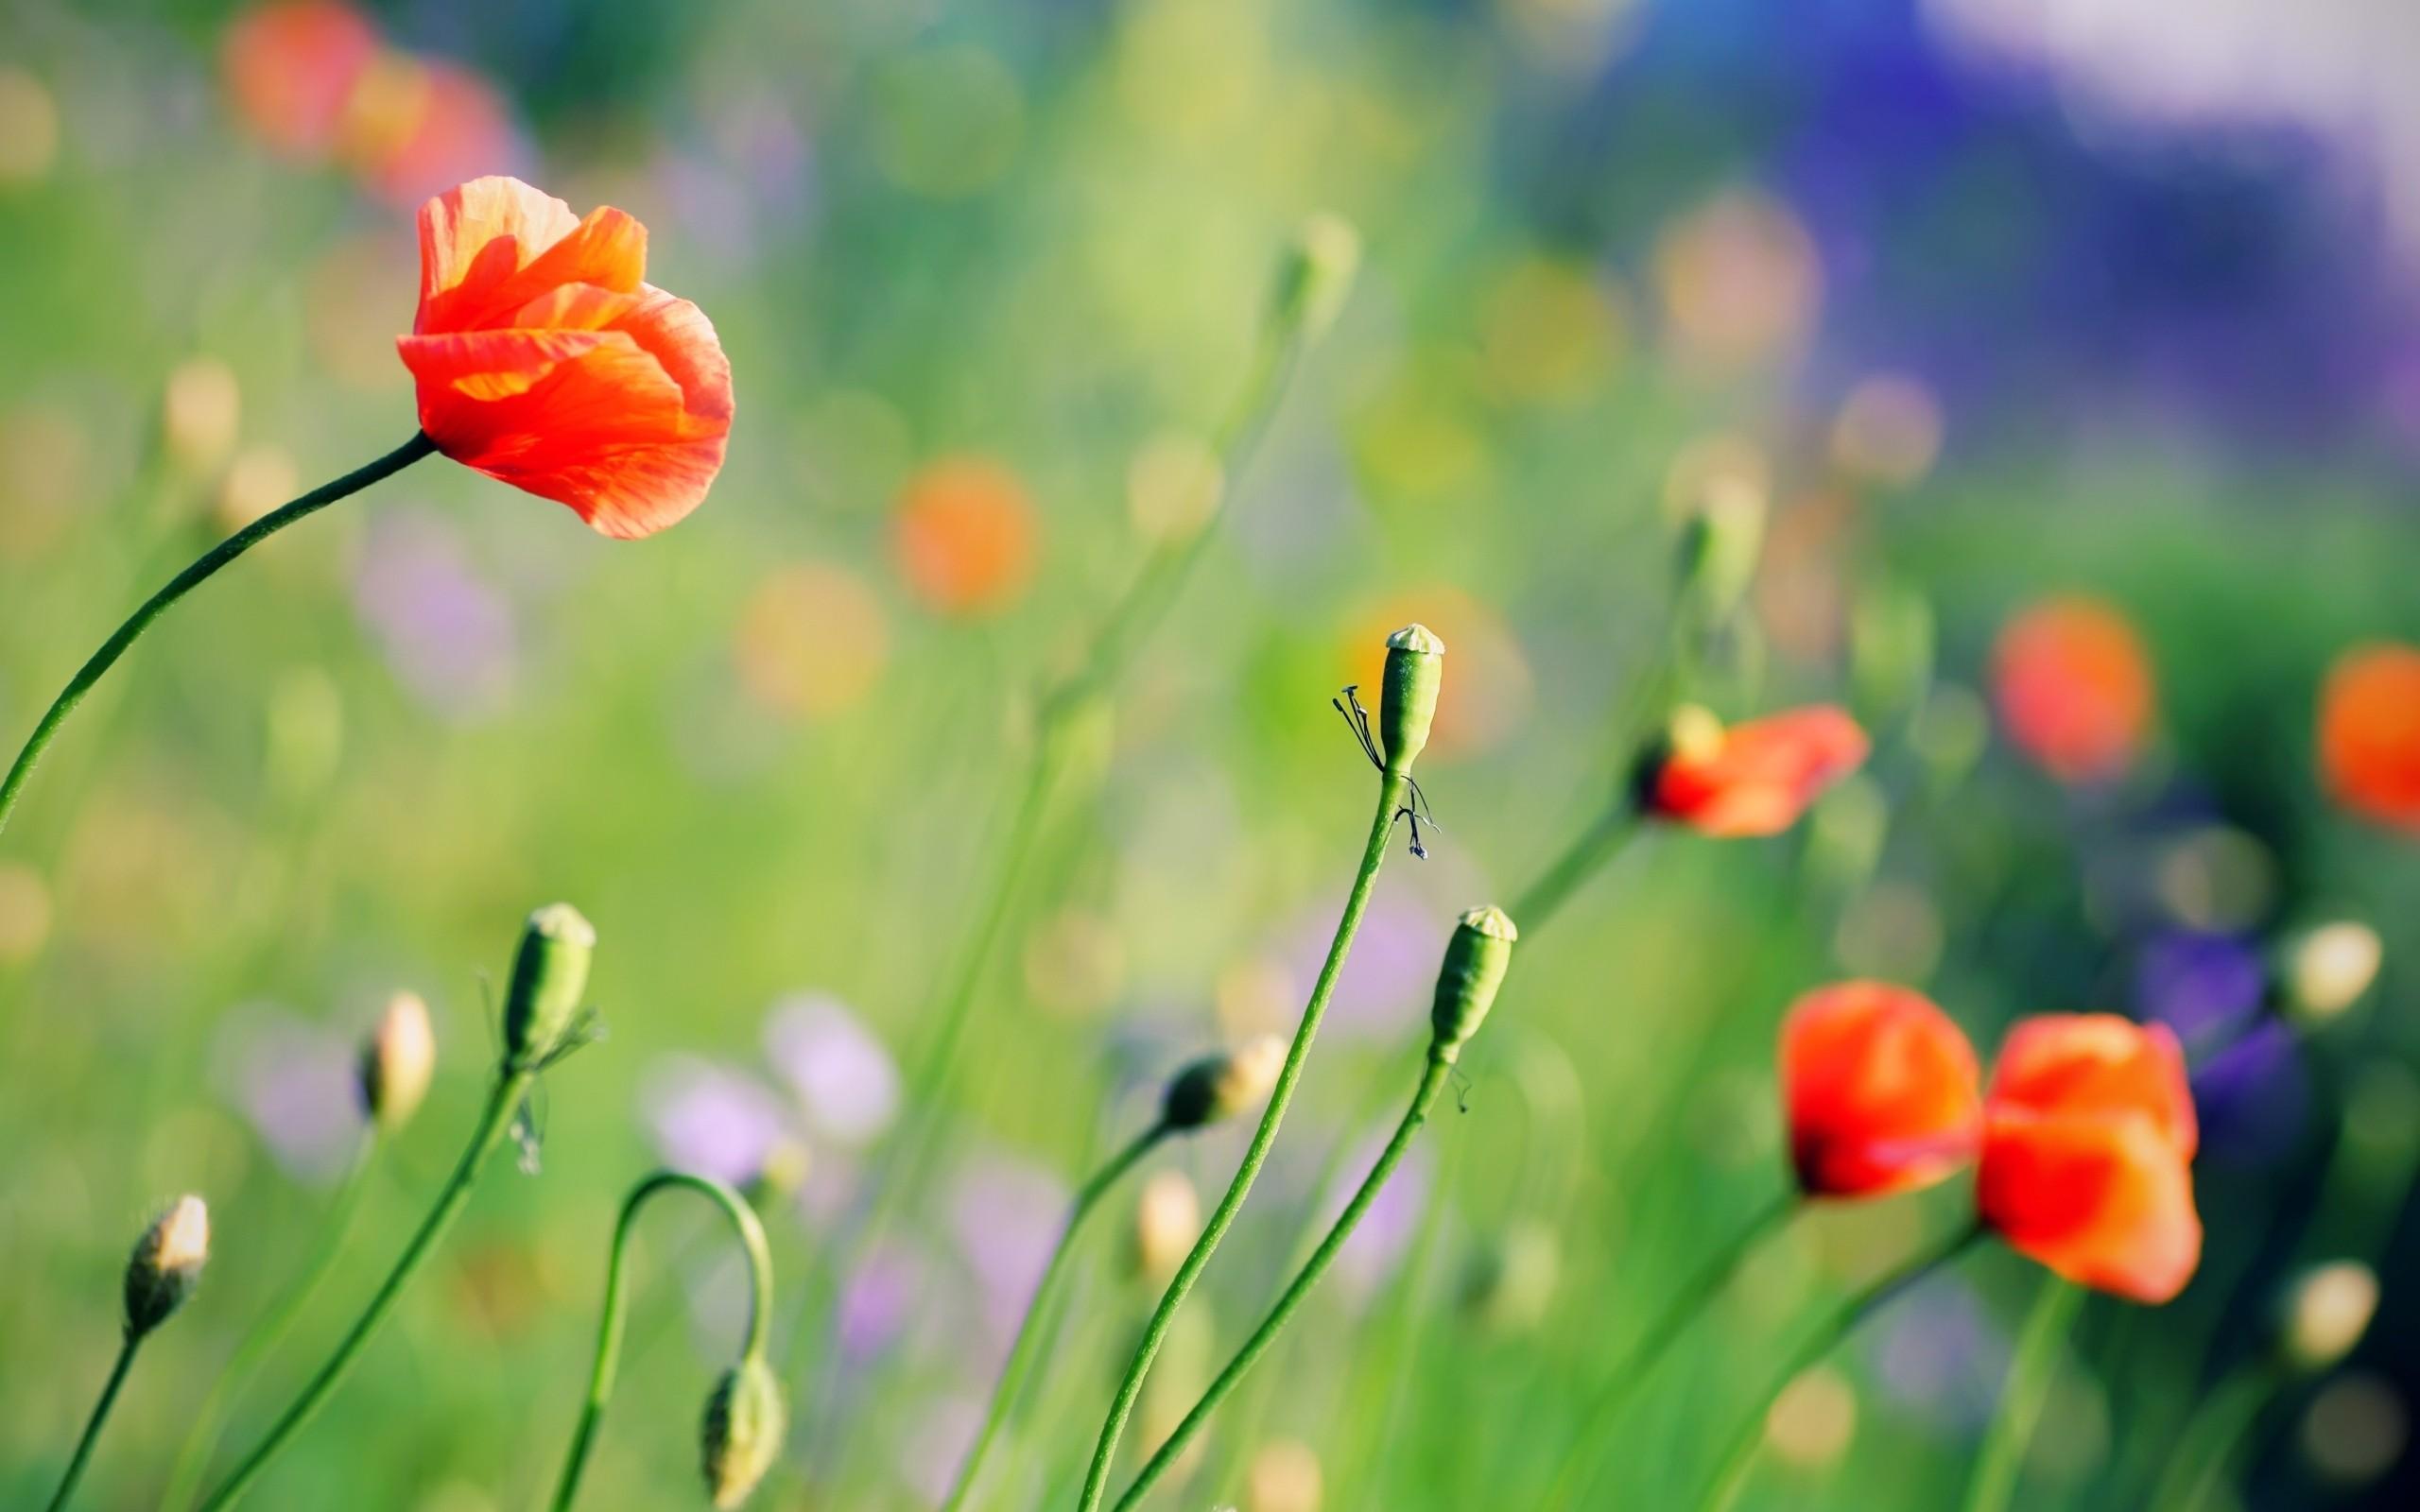 Enfoques a flores - 2560x1600